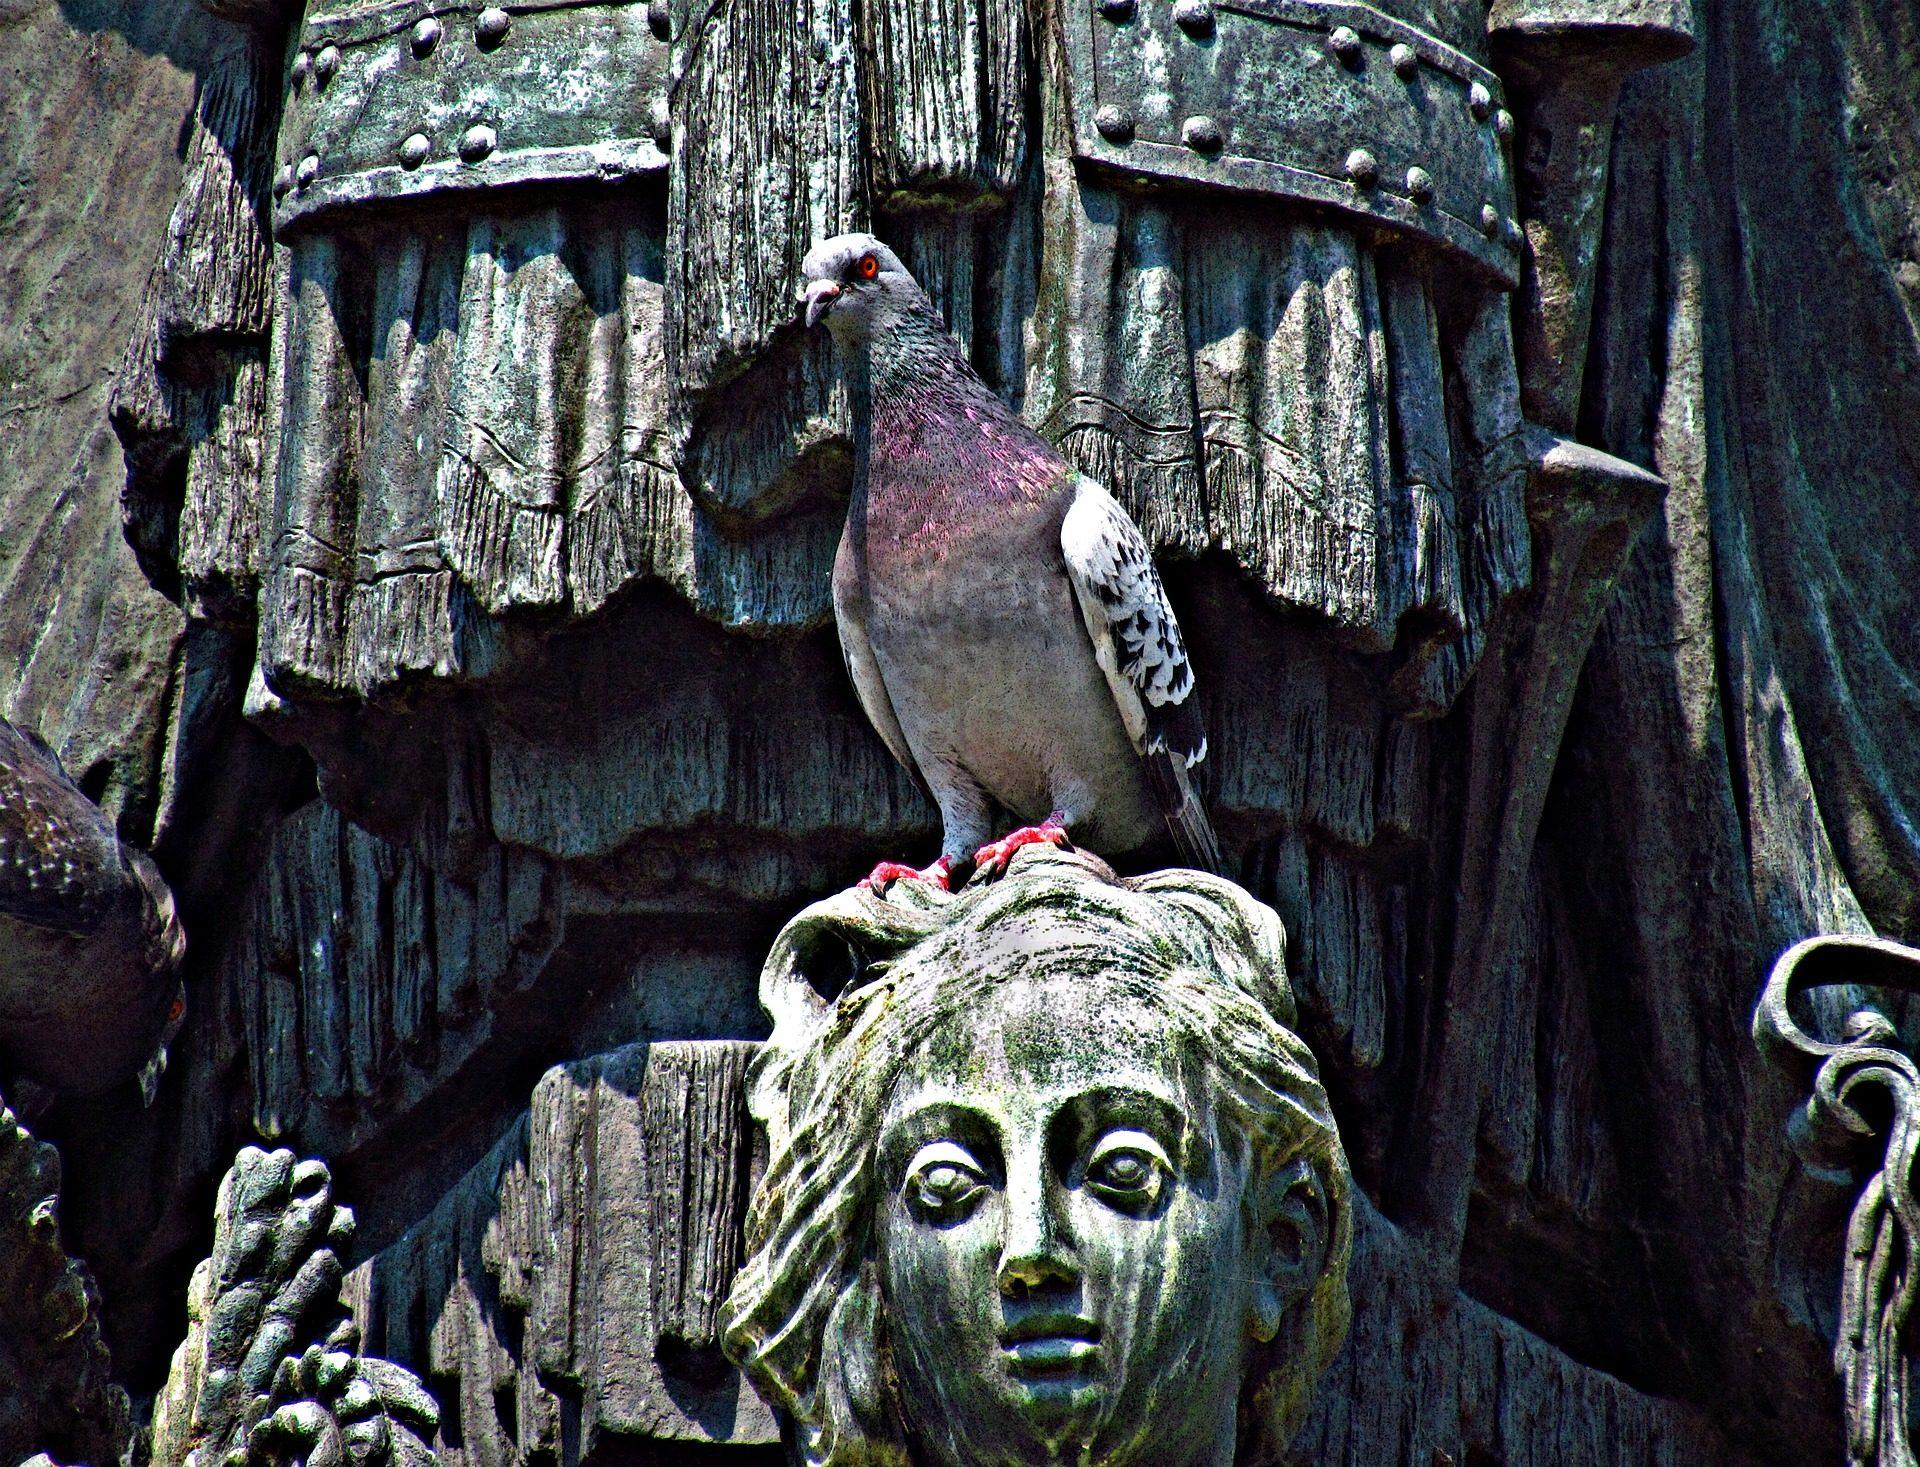 Paloma, Ave, Uccello, scultura, Monumento - Sfondi HD - Professor-falken.com